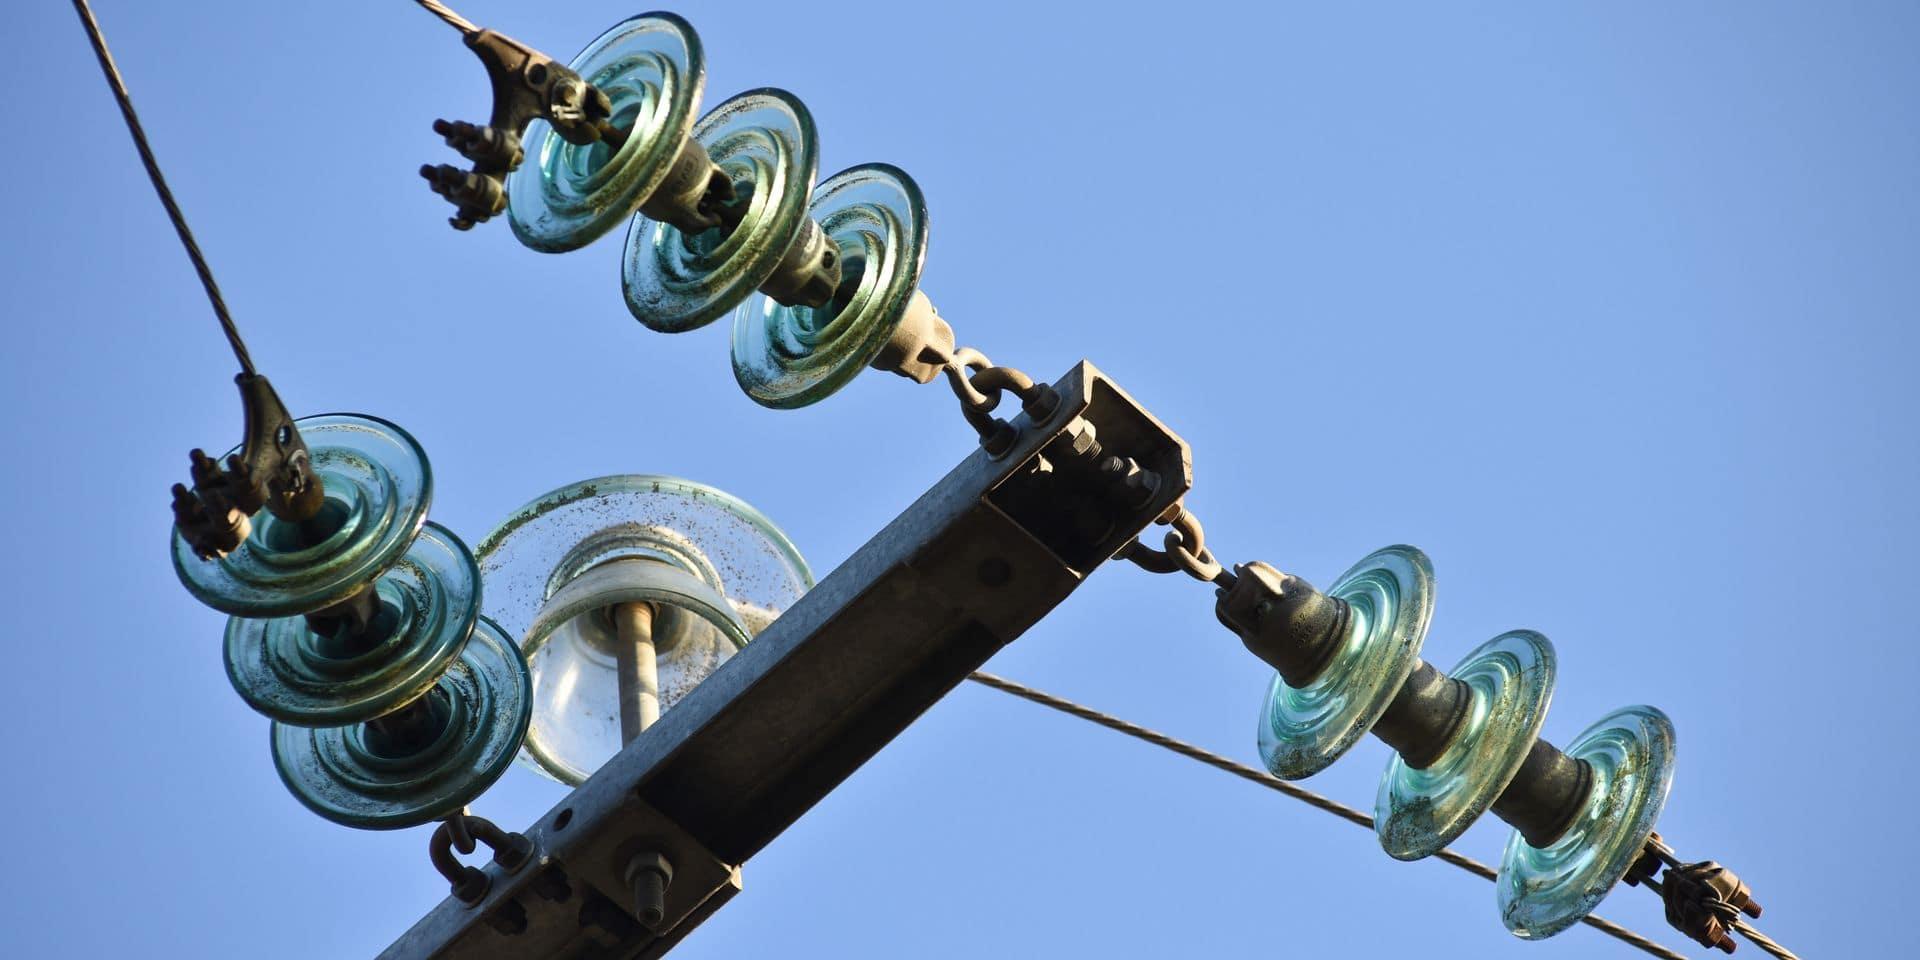 Mauvaise nouvelle: l'électricité augmente de 22% pour les plus démunis